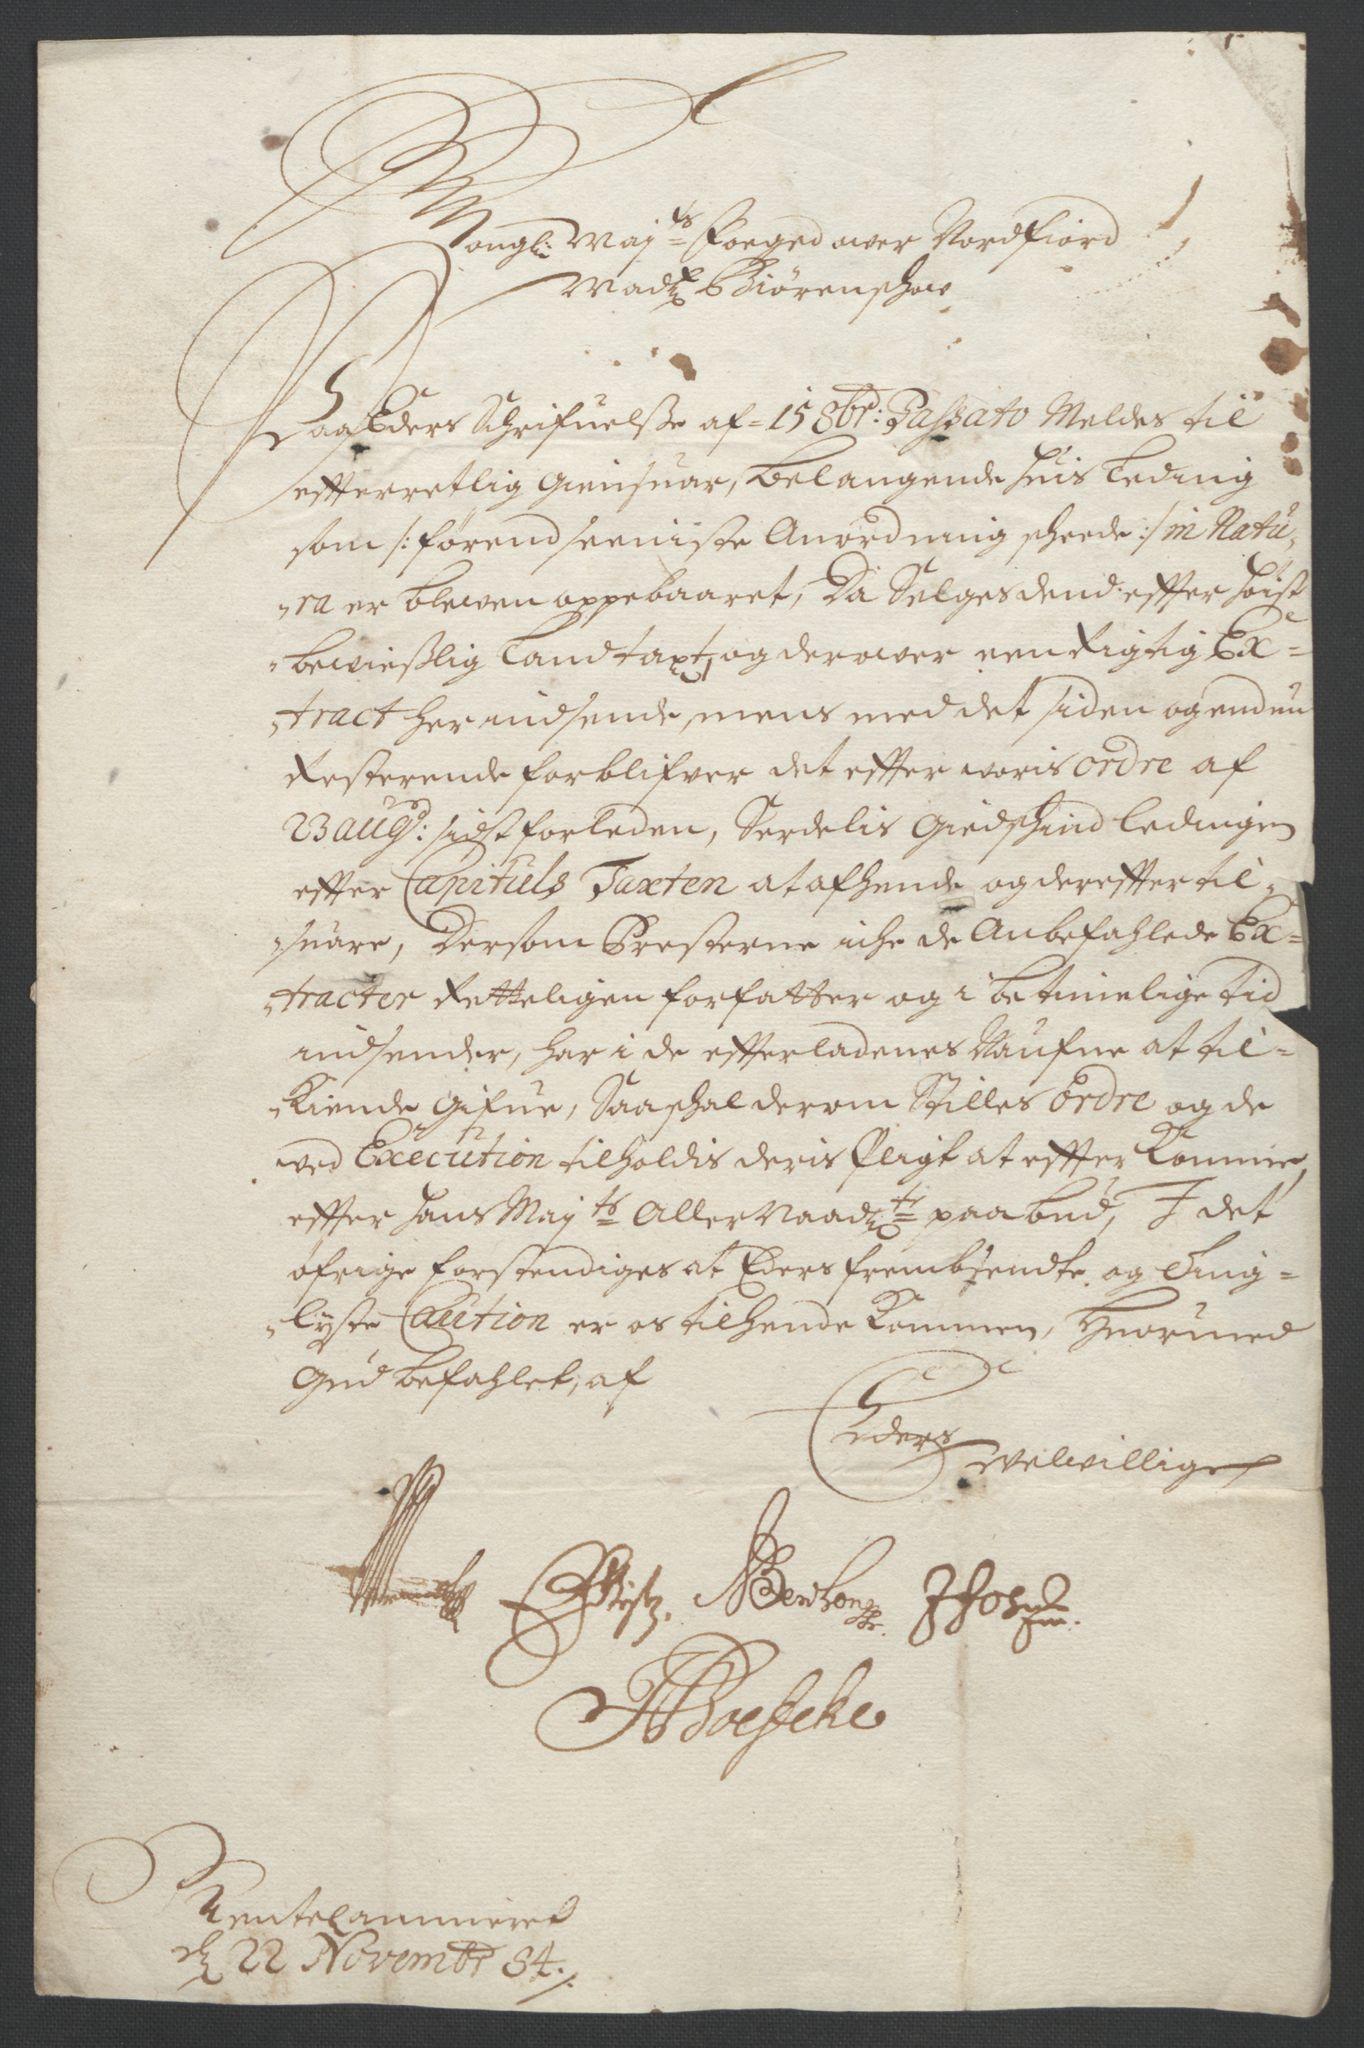 RA, Rentekammeret inntil 1814, Reviderte regnskaper, Fogderegnskap, R53/L3420: Fogderegnskap Sunn- og Nordfjord, 1691-1692, s. 379